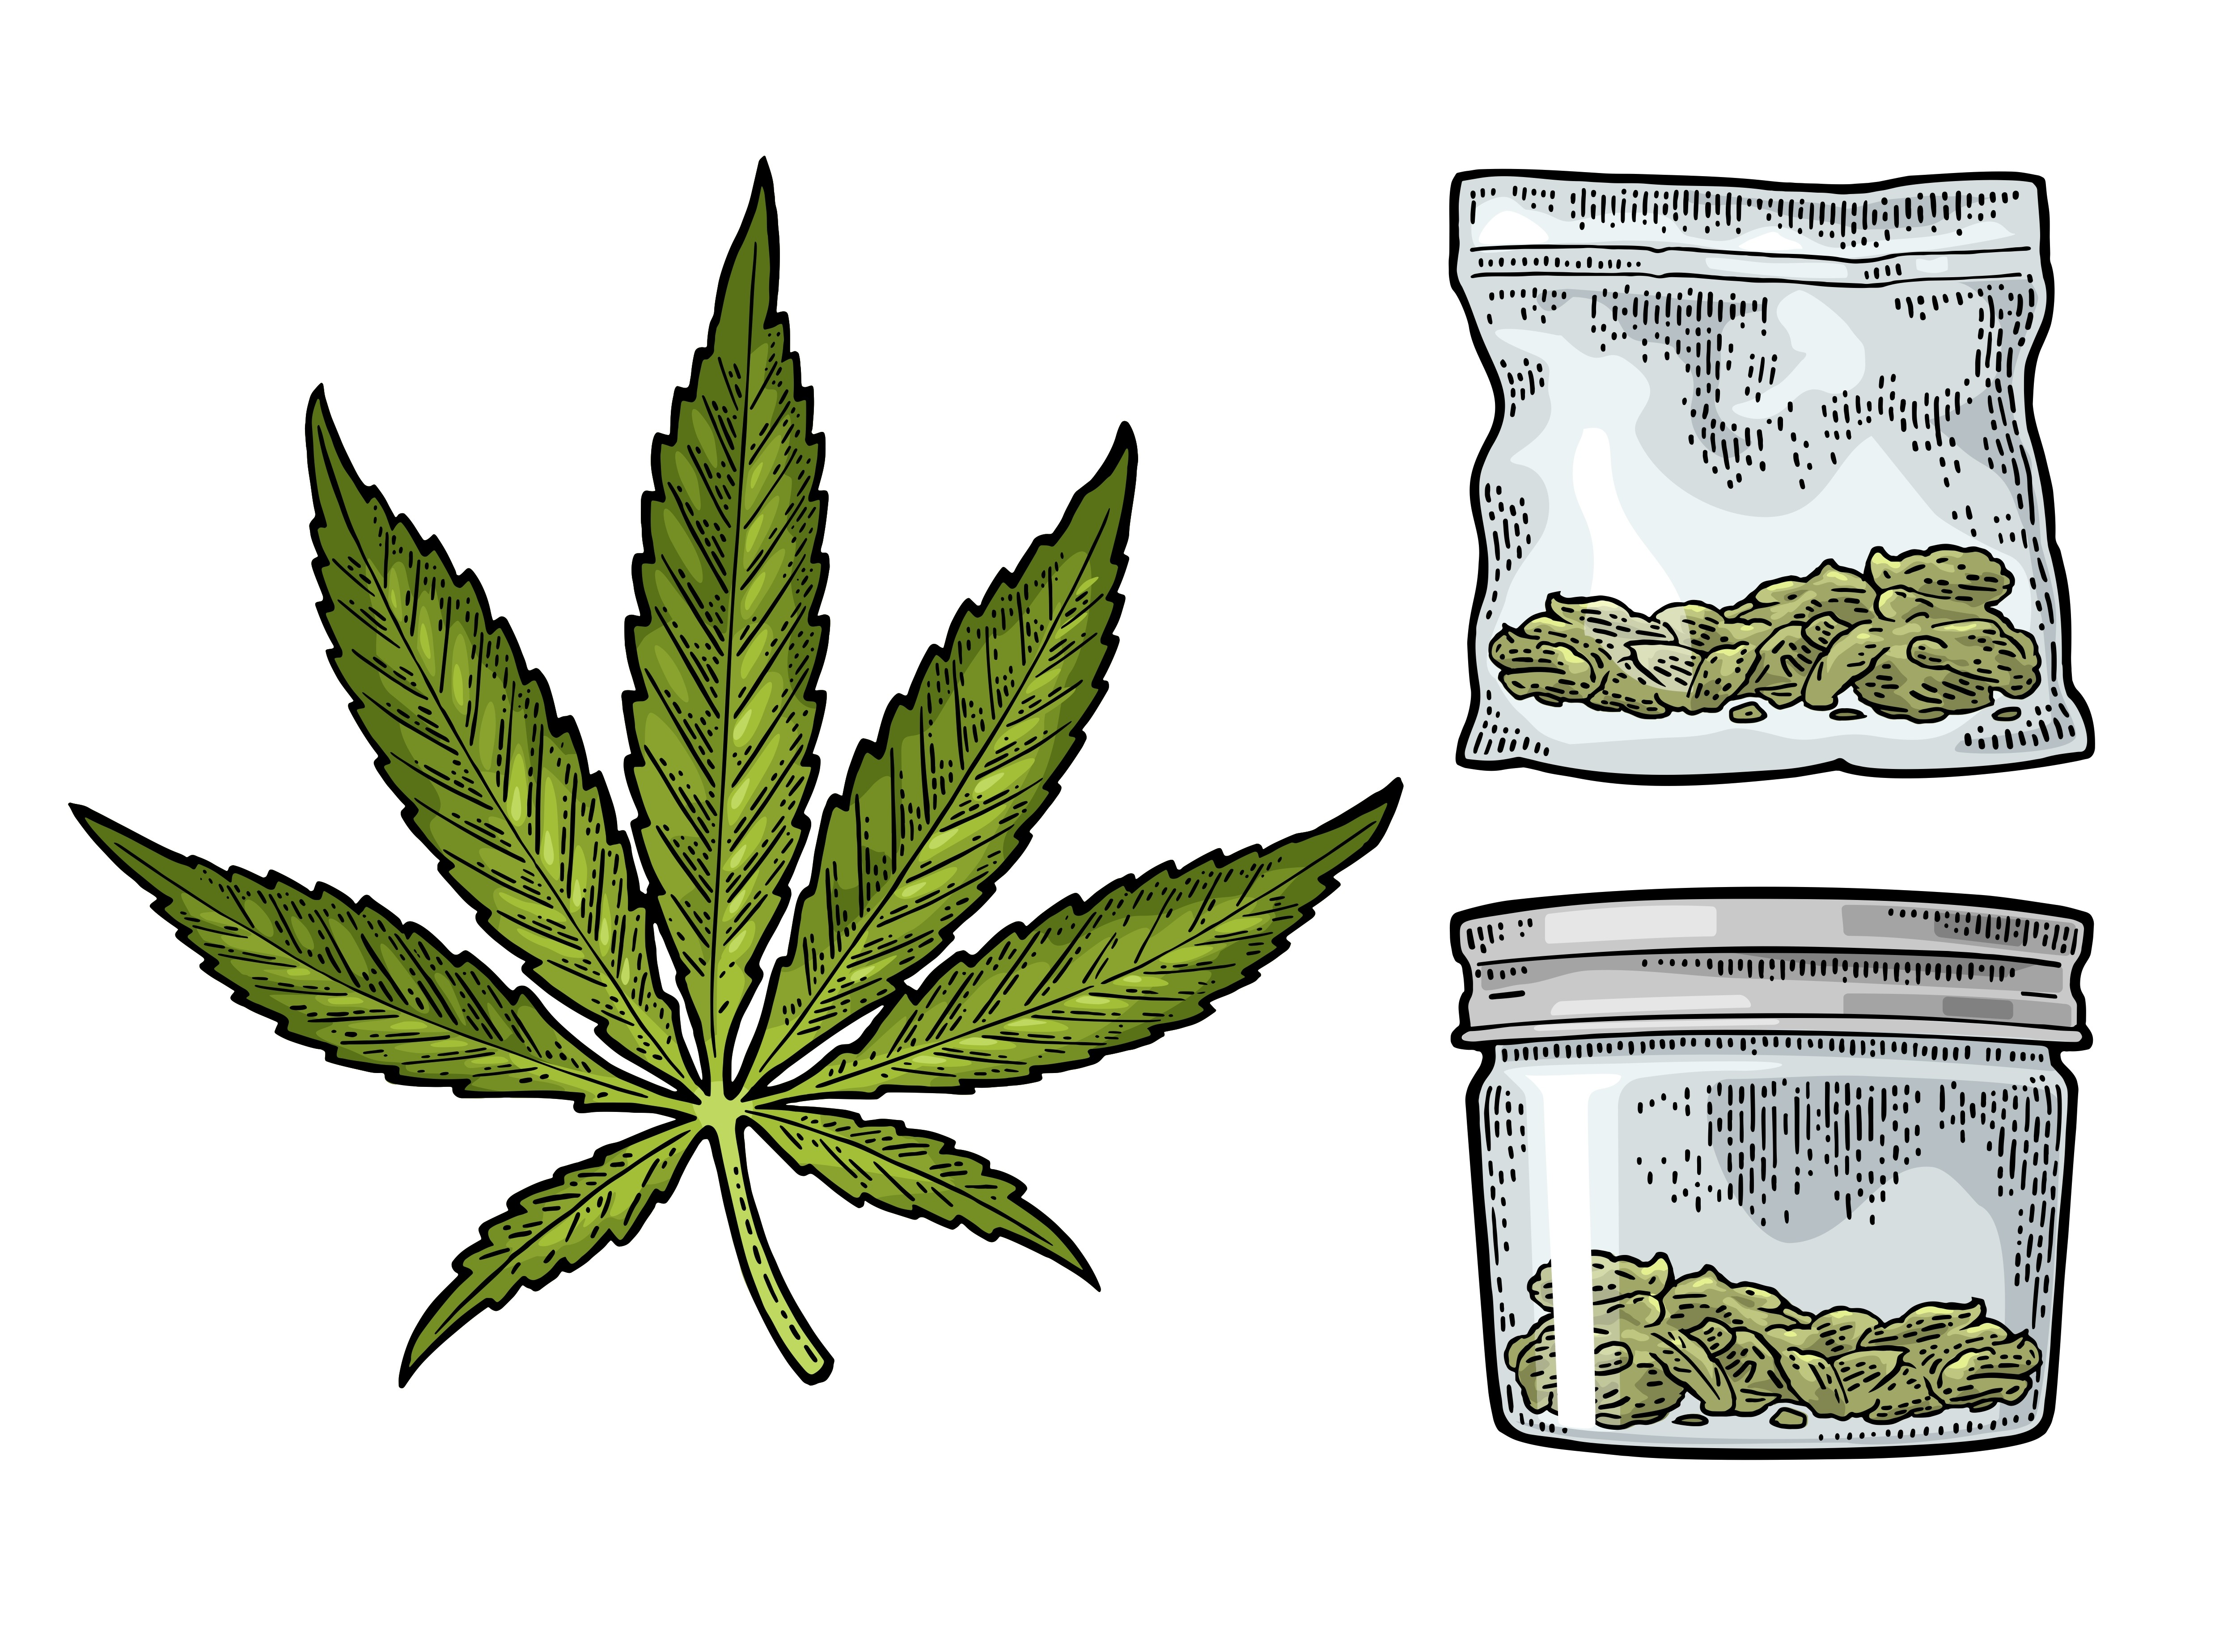 Synthetic marijuana in the news